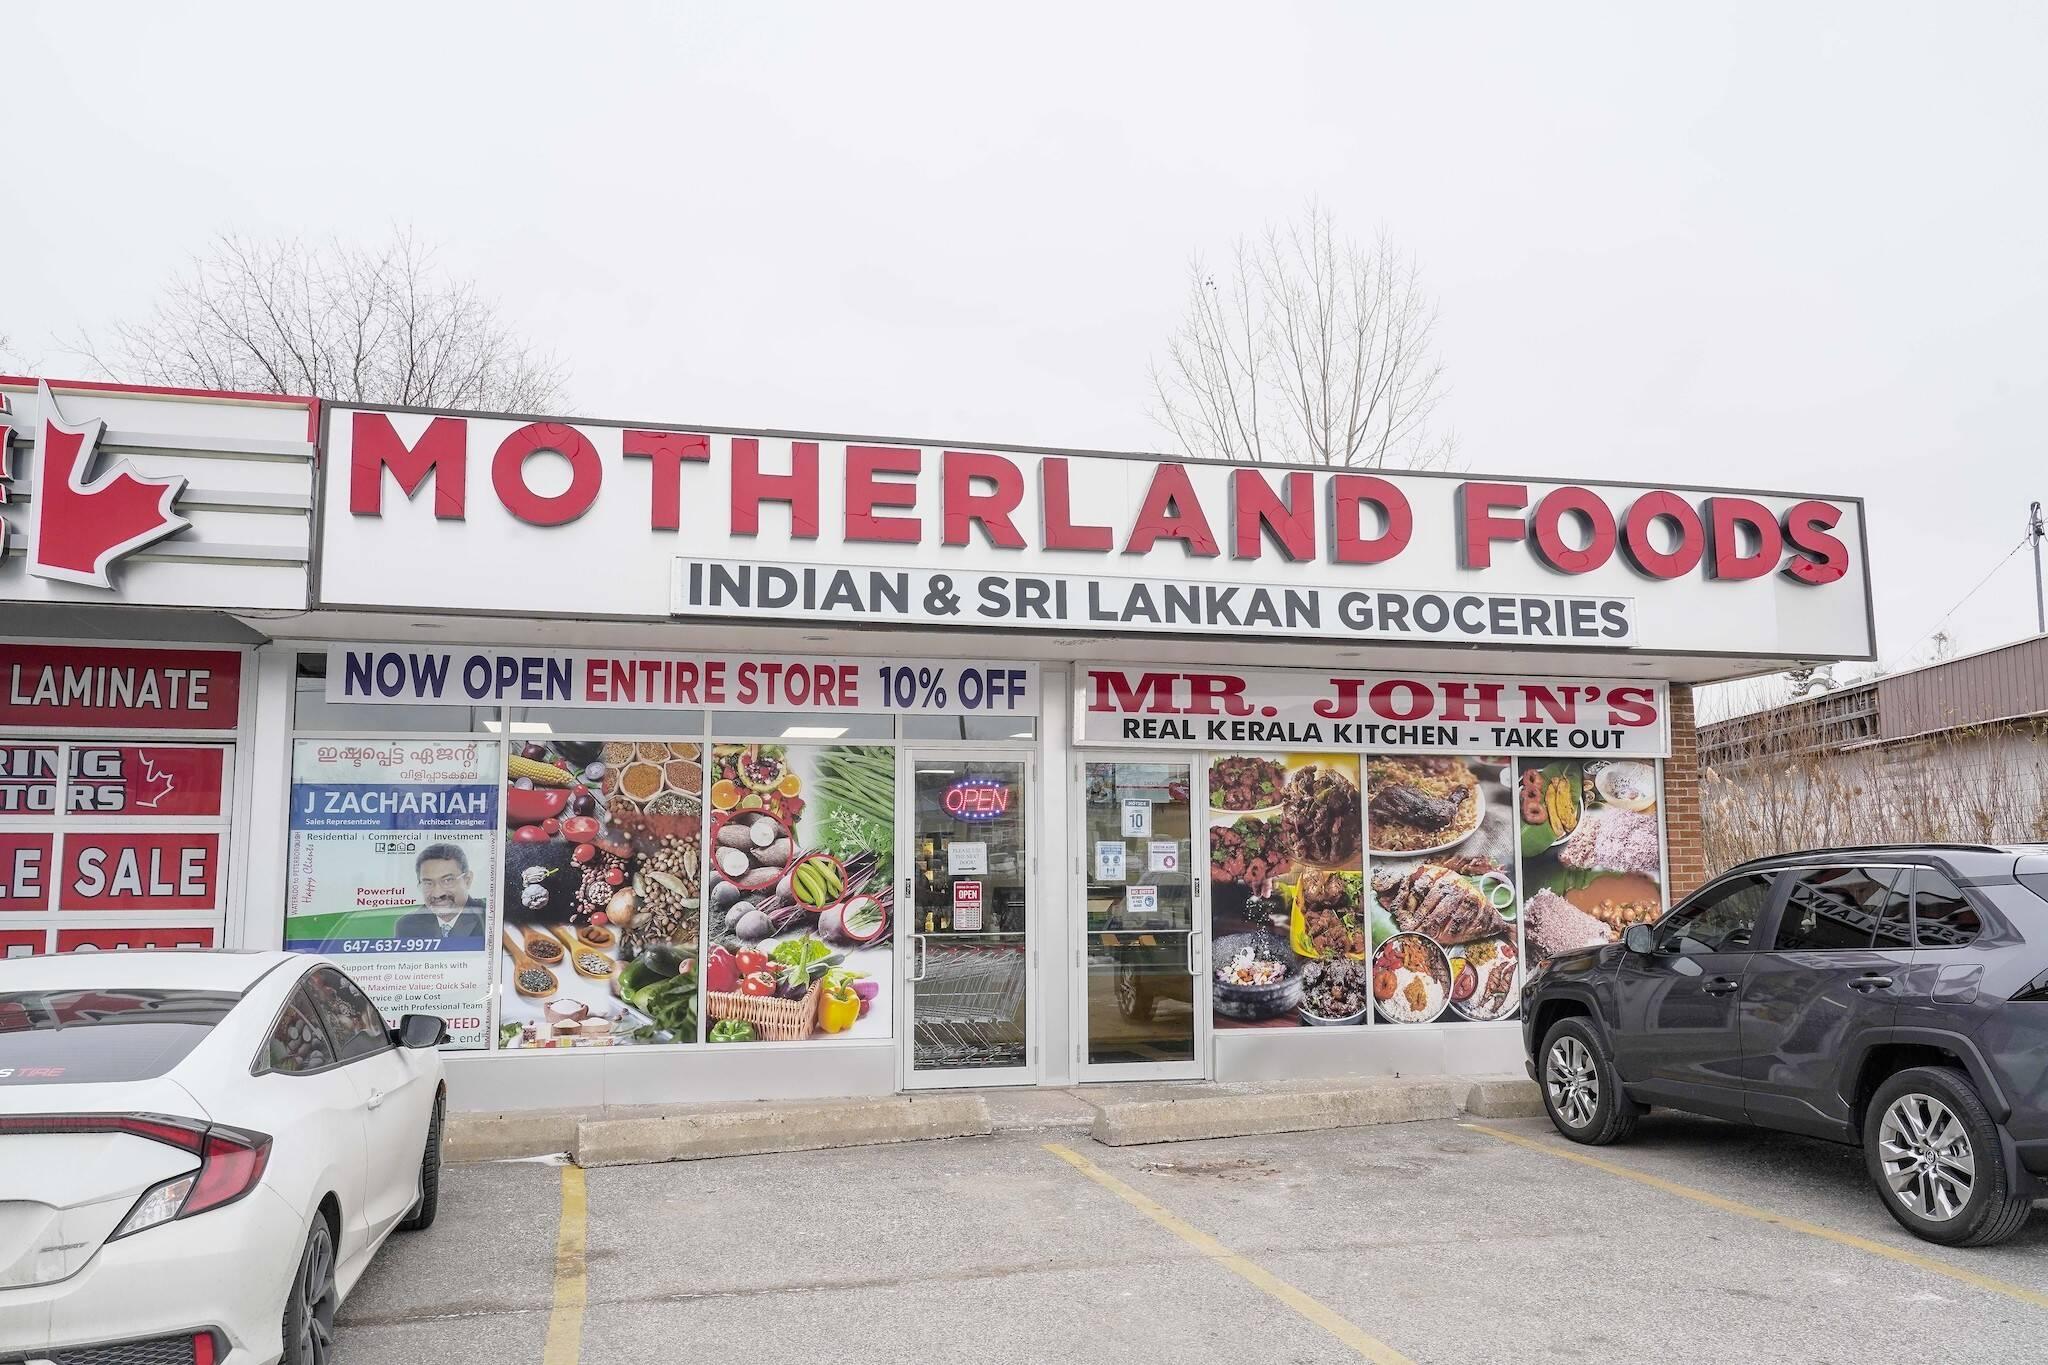 Motherland Foods Toronto